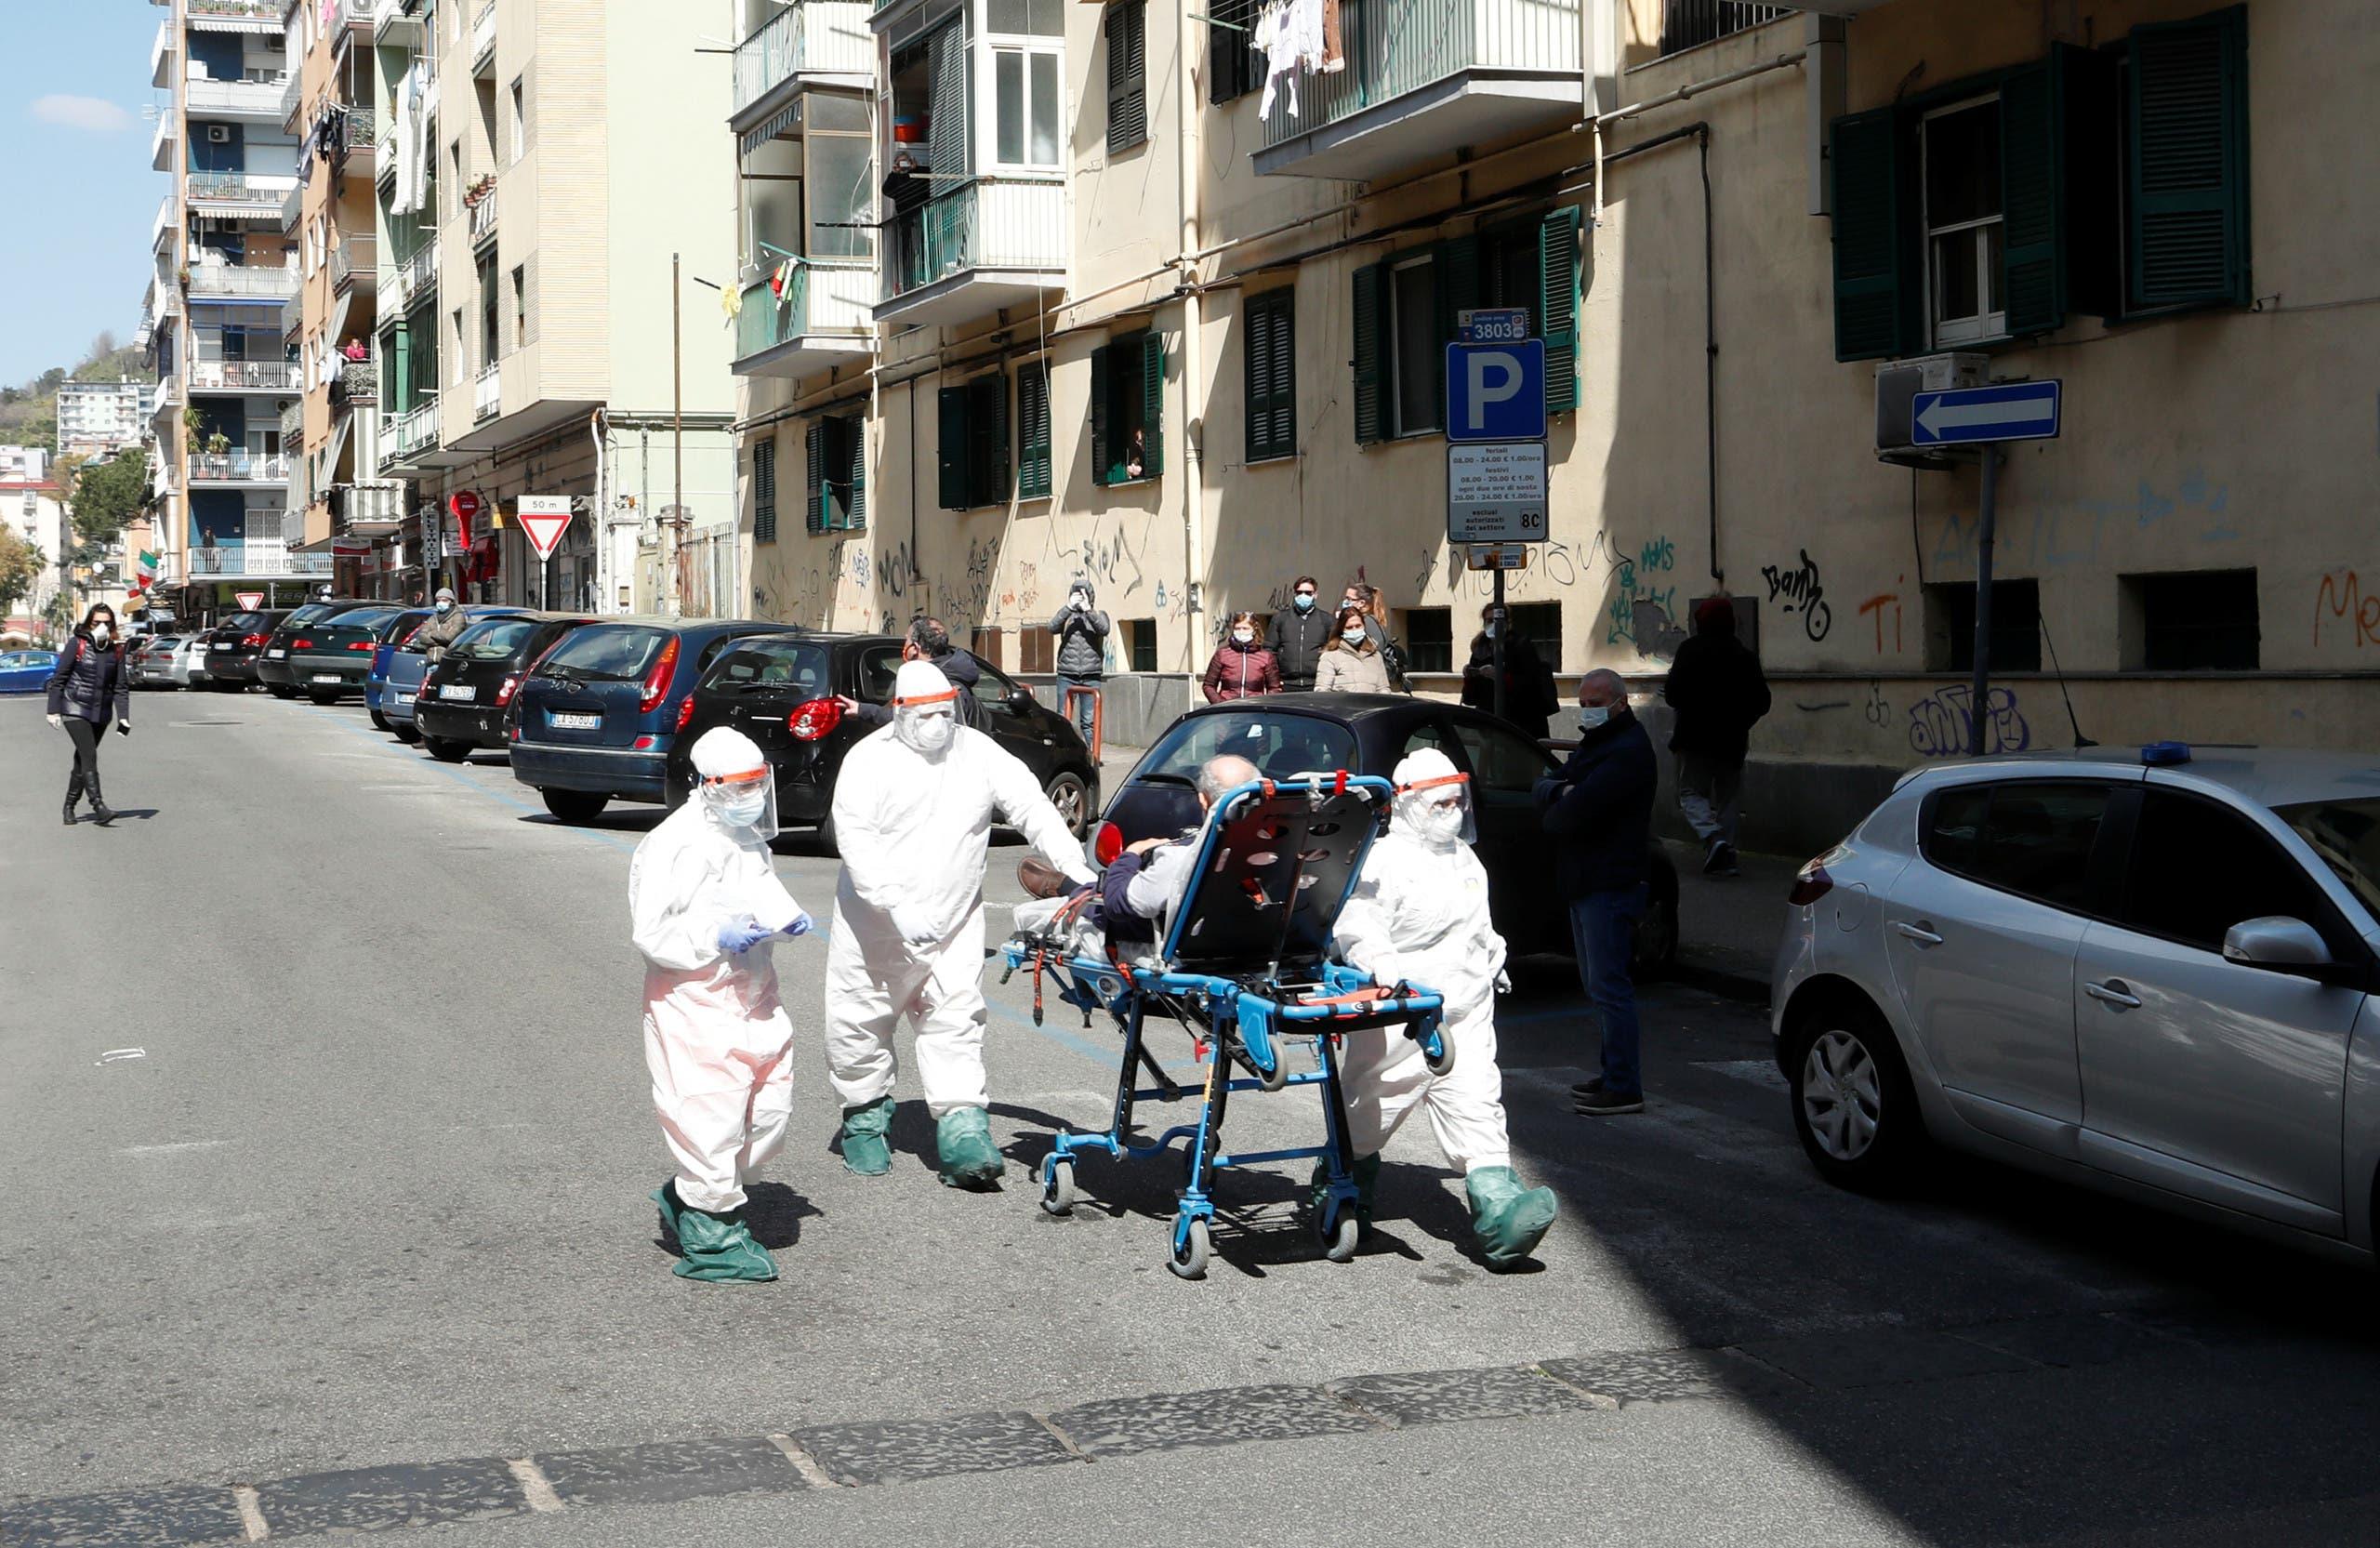 أفراد من الرعاية الصحية مع أحد المرضى في نابولي يوم 2 أبريل (رويترز)